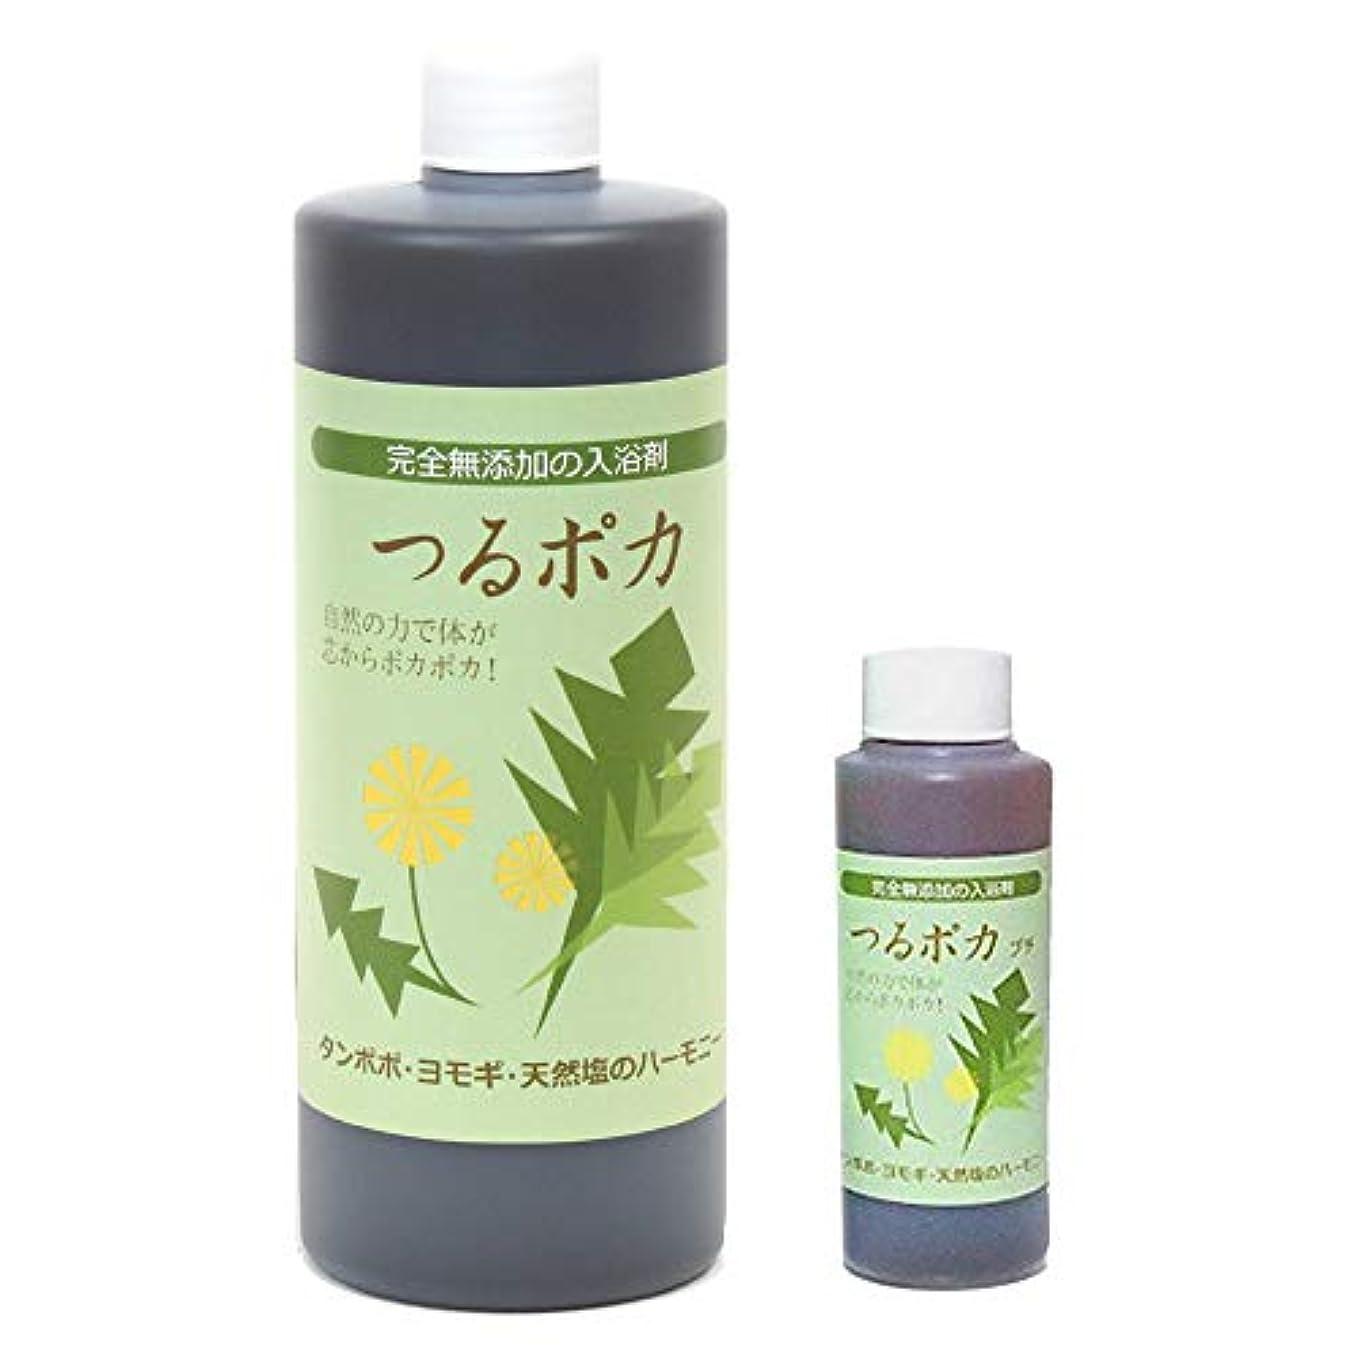 枯れる合金シーケンスつるポカ入浴剤 500ml+60ml おまけ (ばんのう酵母くん姉妹商品)